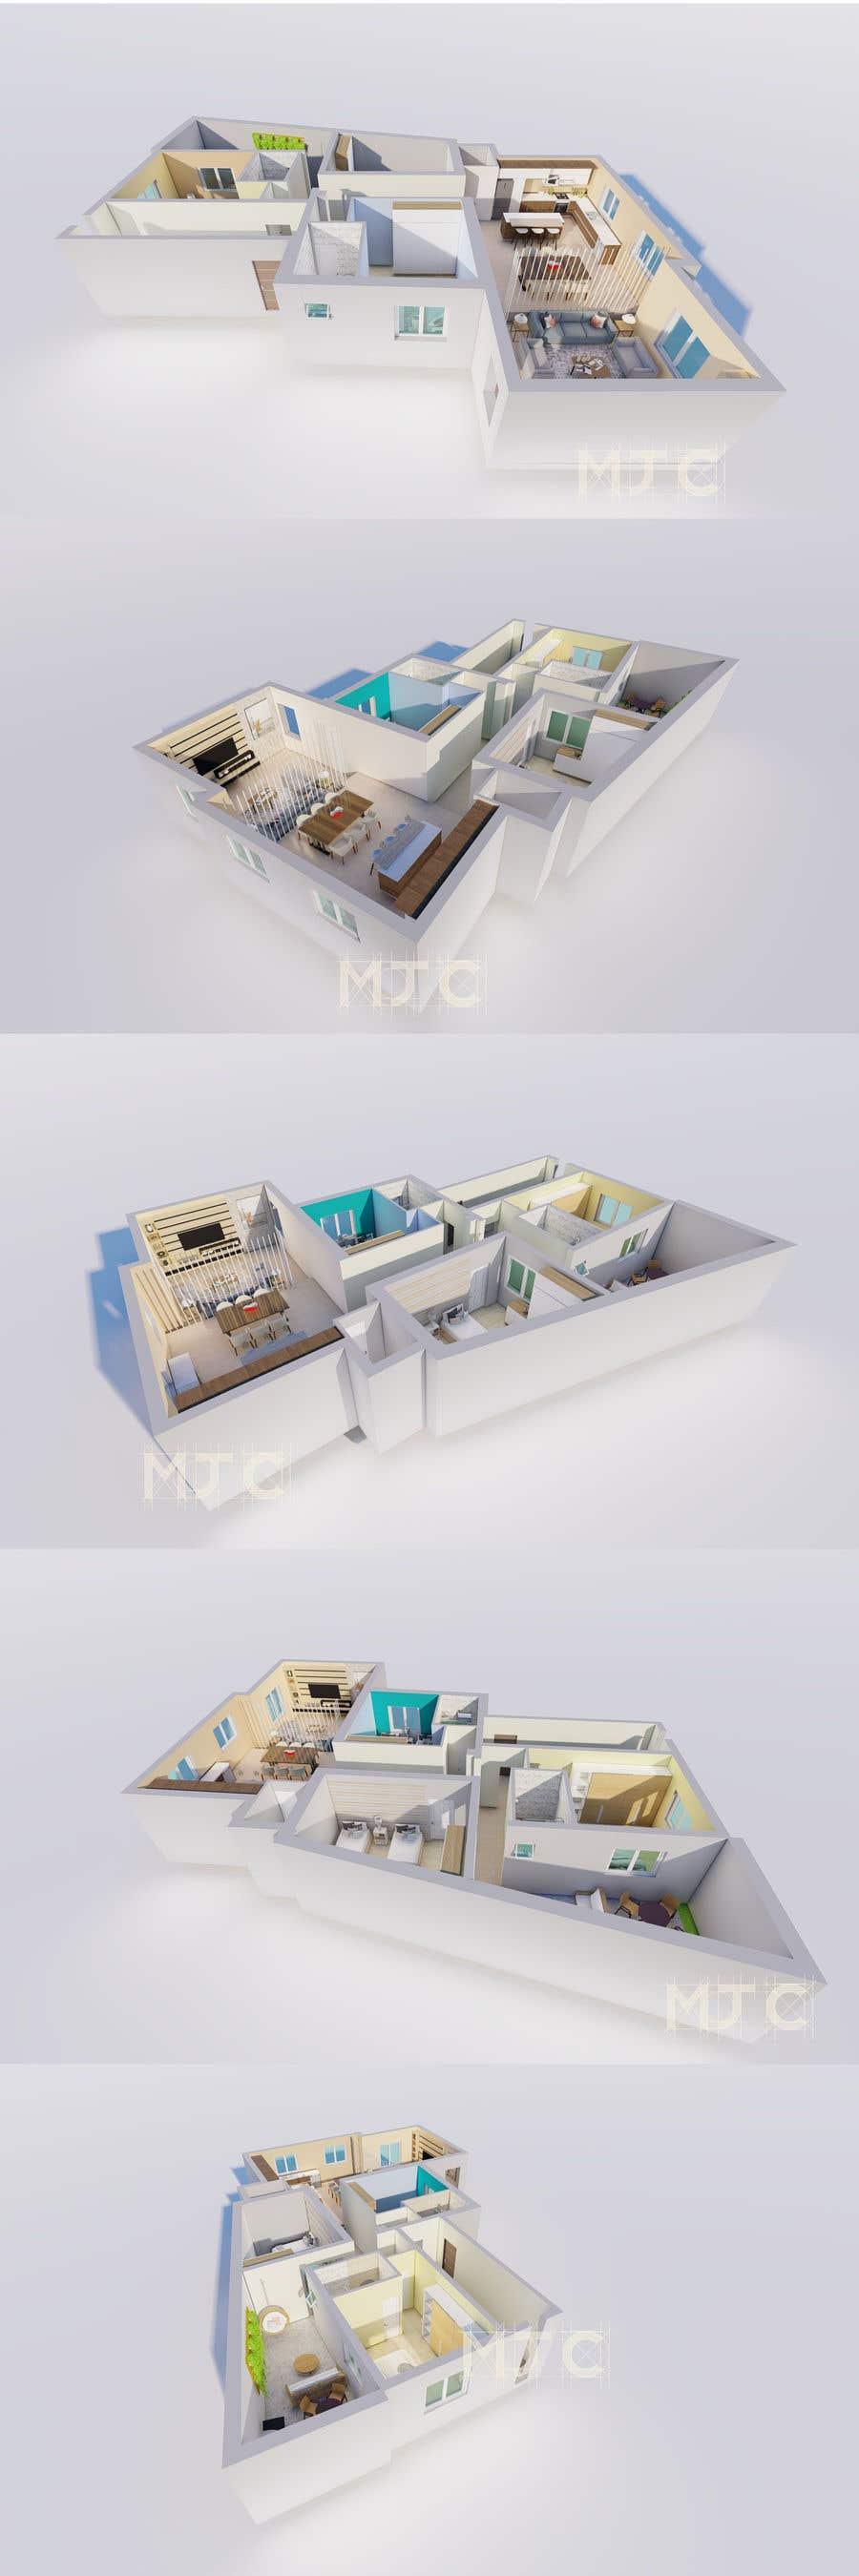 Proposition n°                                        6                                      du concours                                         3d Design- Interior Design home ideas